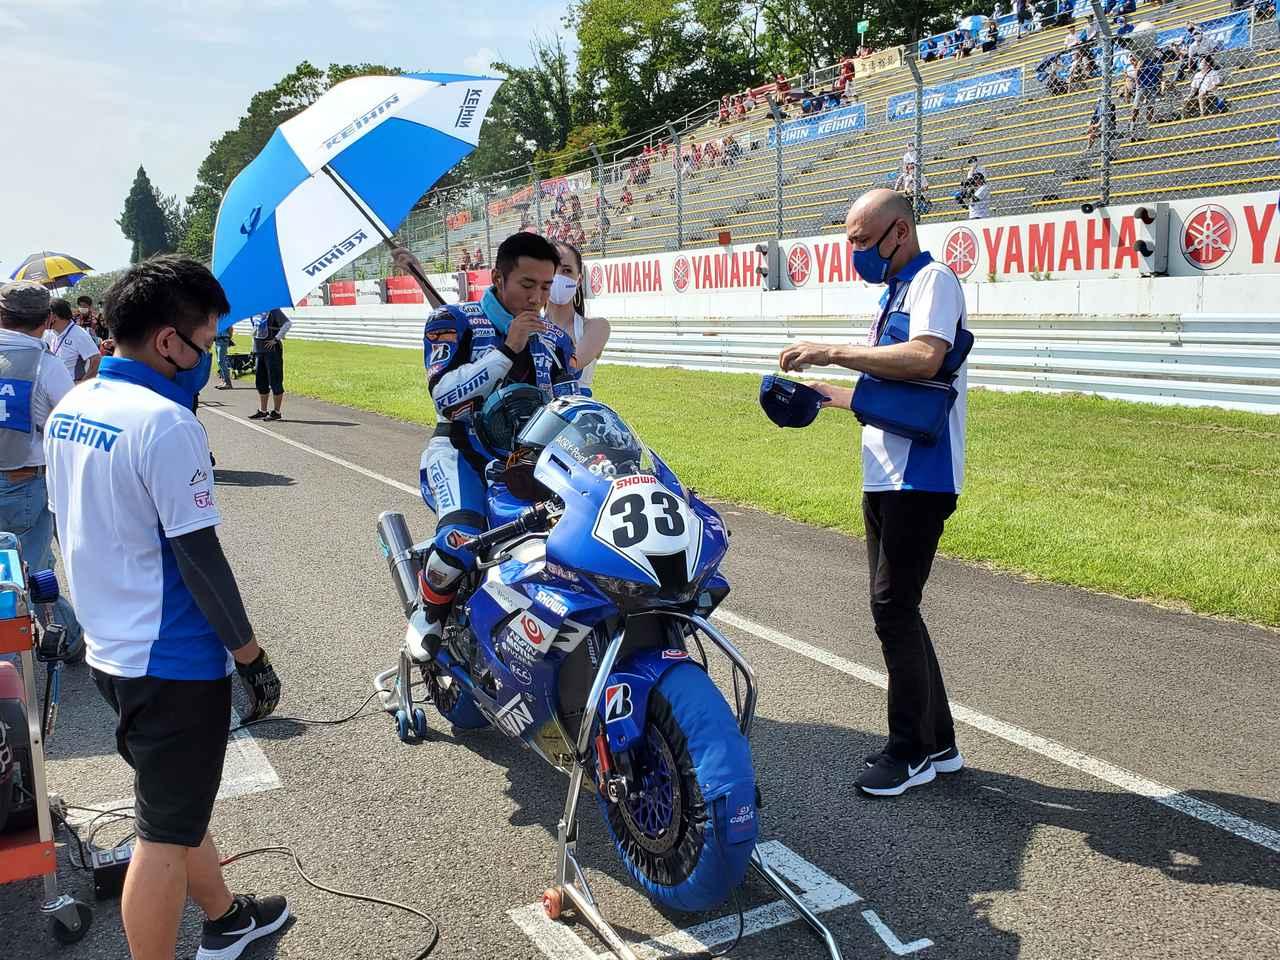 Images : 7番目の画像 - 「60枚以上の写真でお届け! ファンの皆さんも熱かった全日本ロードレースSUGO大会!(大関さおり)」のアルバム - webオートバイ